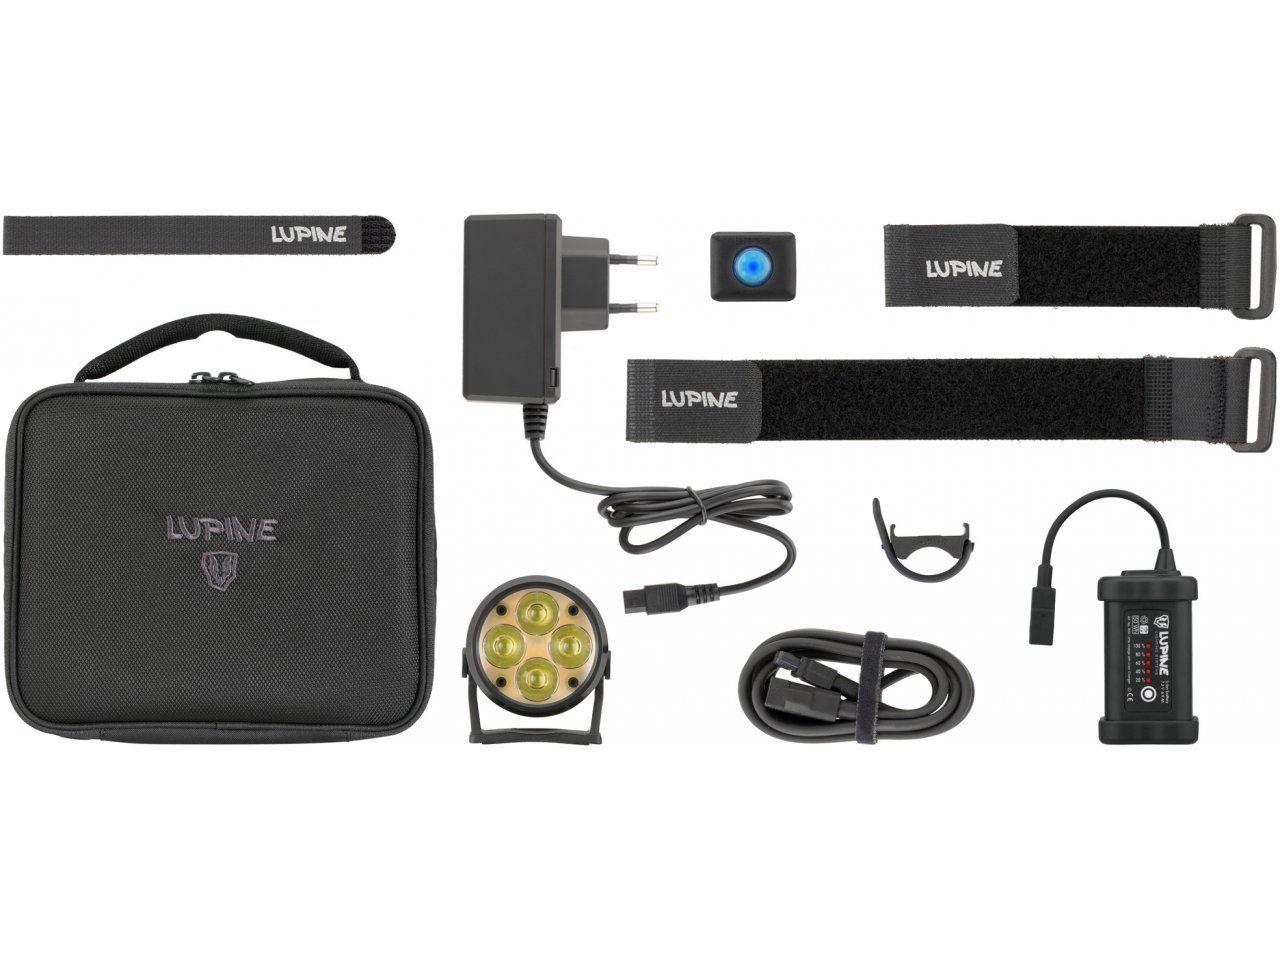 Lupine-Wilma-R-7-SC-LED-SmartCore-Helmet-Lamp-black-3200-lumens-46097-350486-1600439961.jpeg